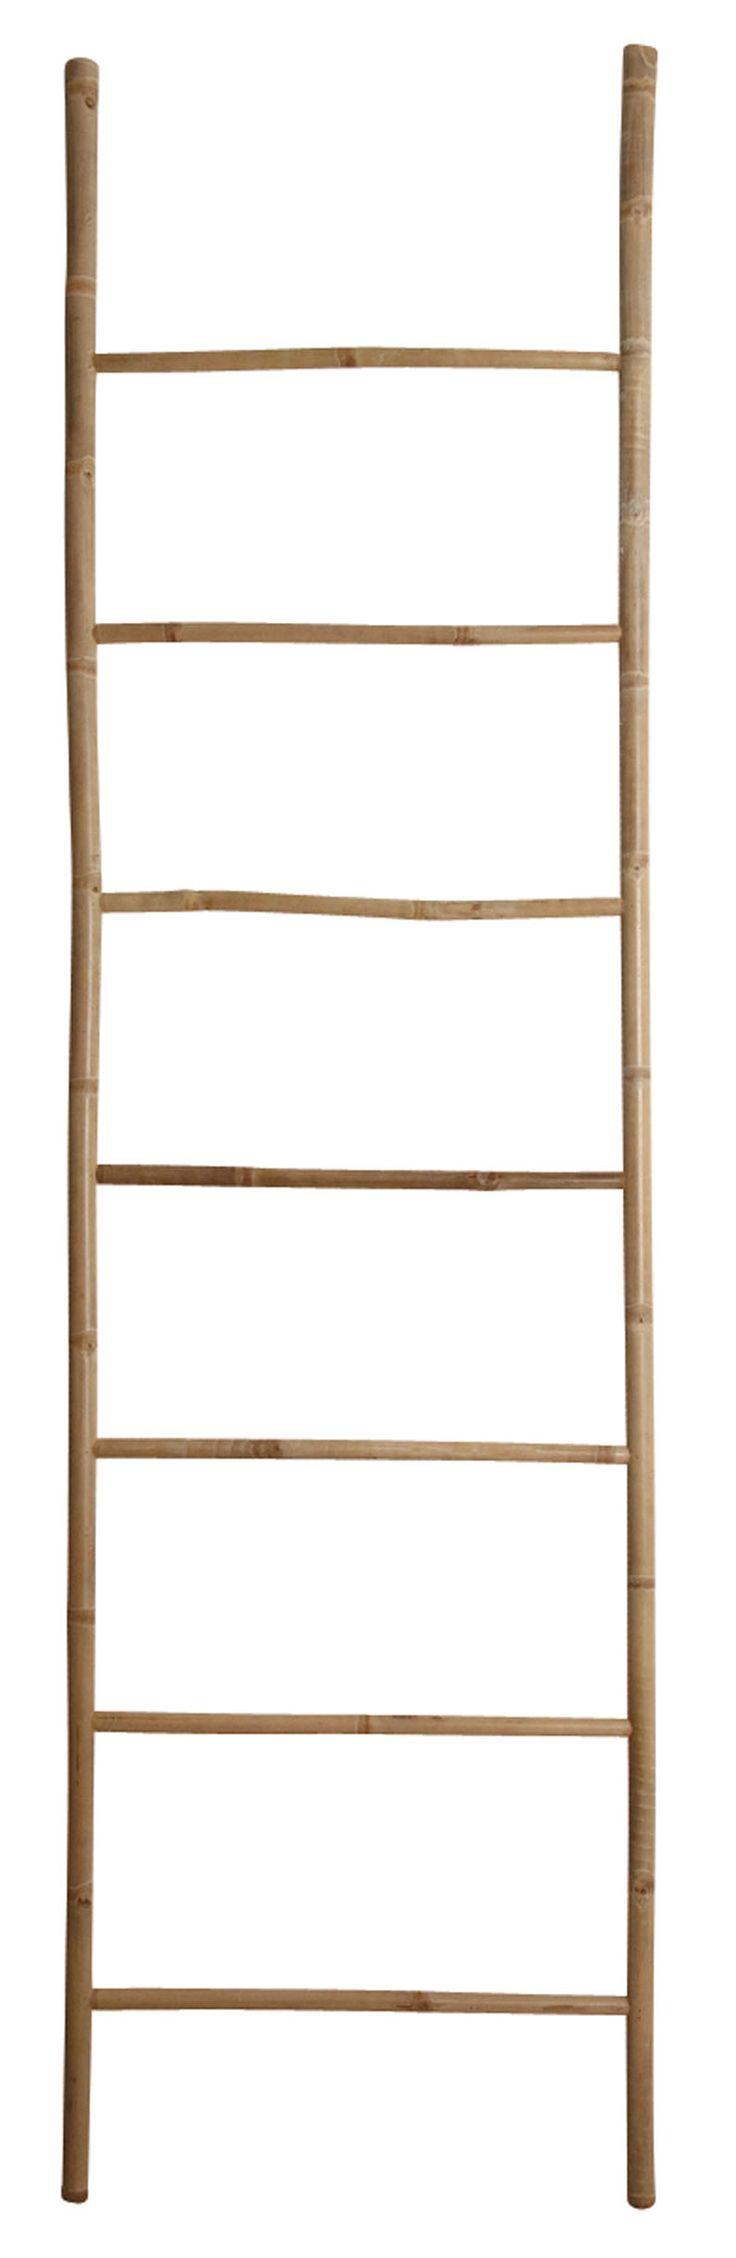 Apportez une touche naturelle à votre salle de bain avec cette jolie échelle porte-serviettes en bambou naturel. Ses dimensions (cm) : H220 x L60